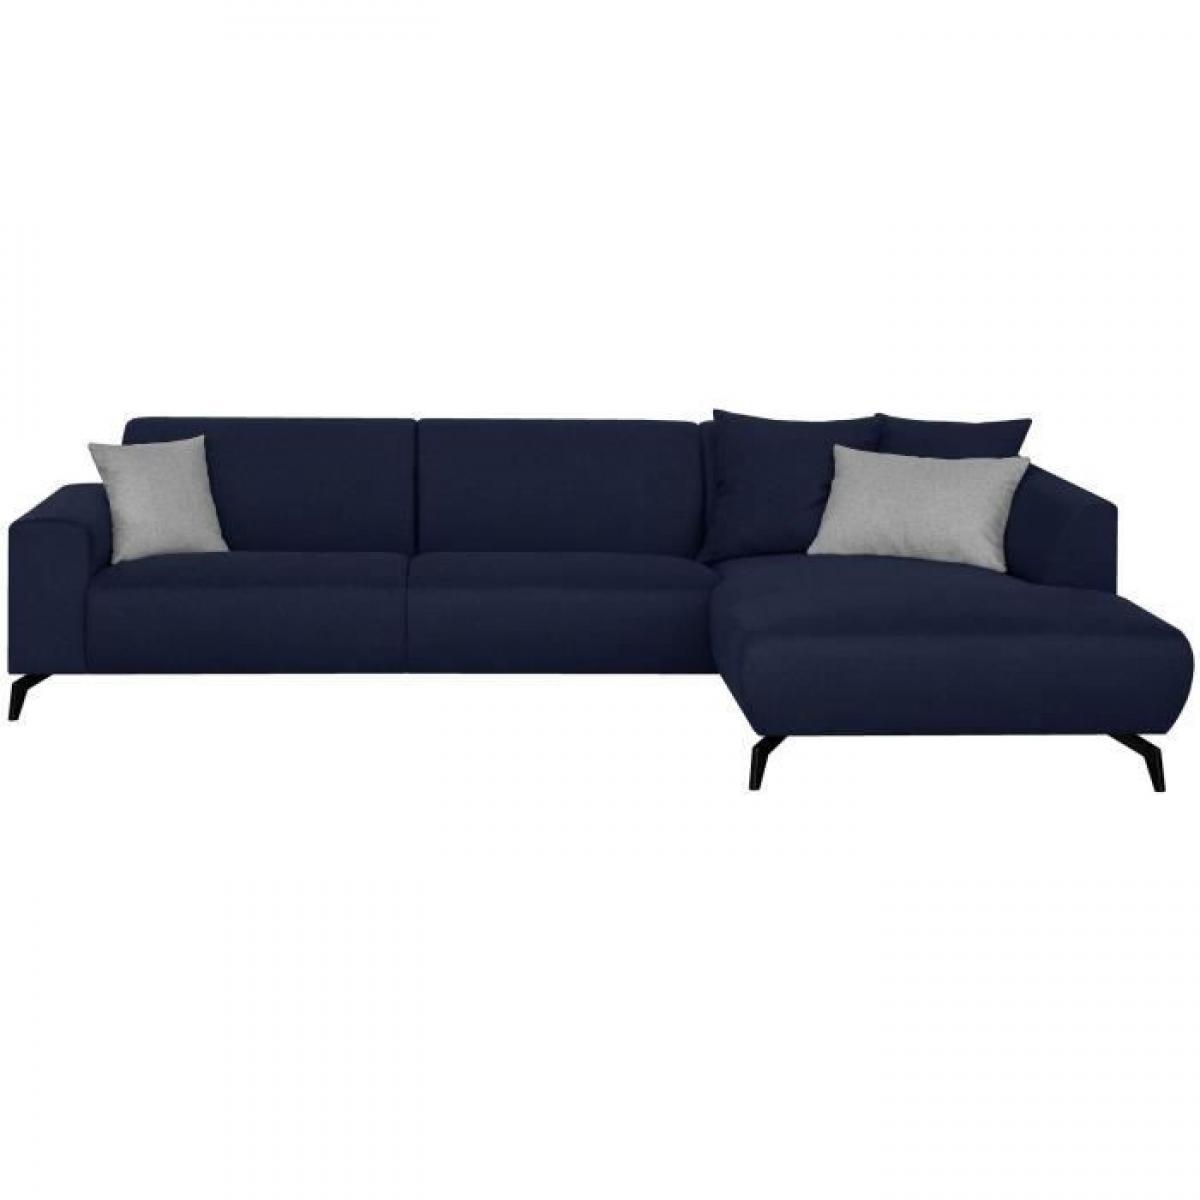 Sans Marque Canape dangle droit - Pieds metal - Tissu Bleu - L 290 x P 93/167 x H 74 cm - BUBBLE